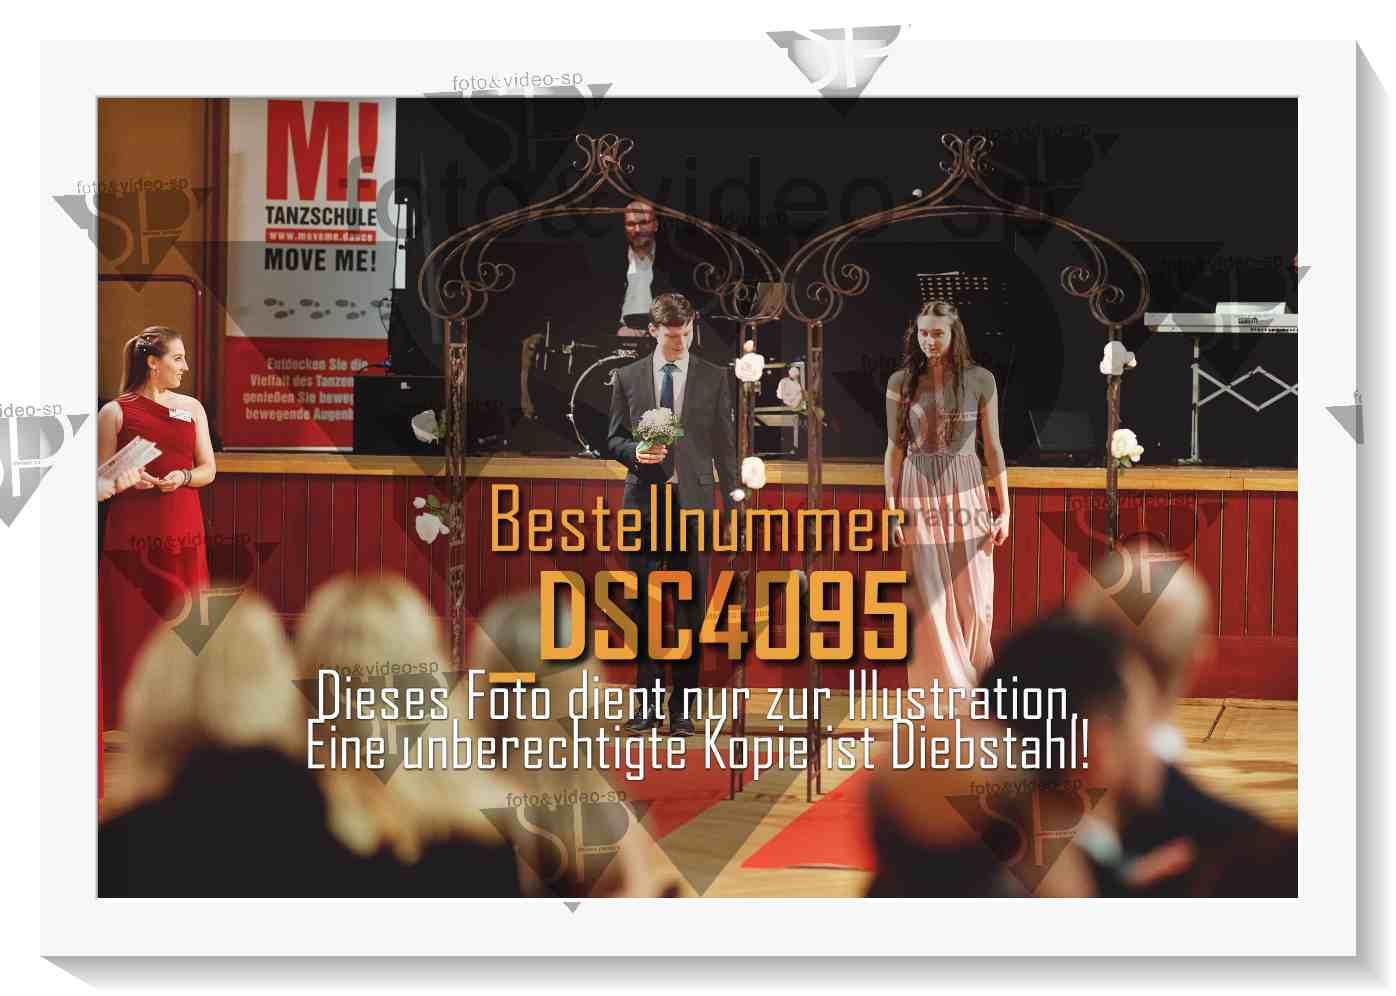 DSC4095